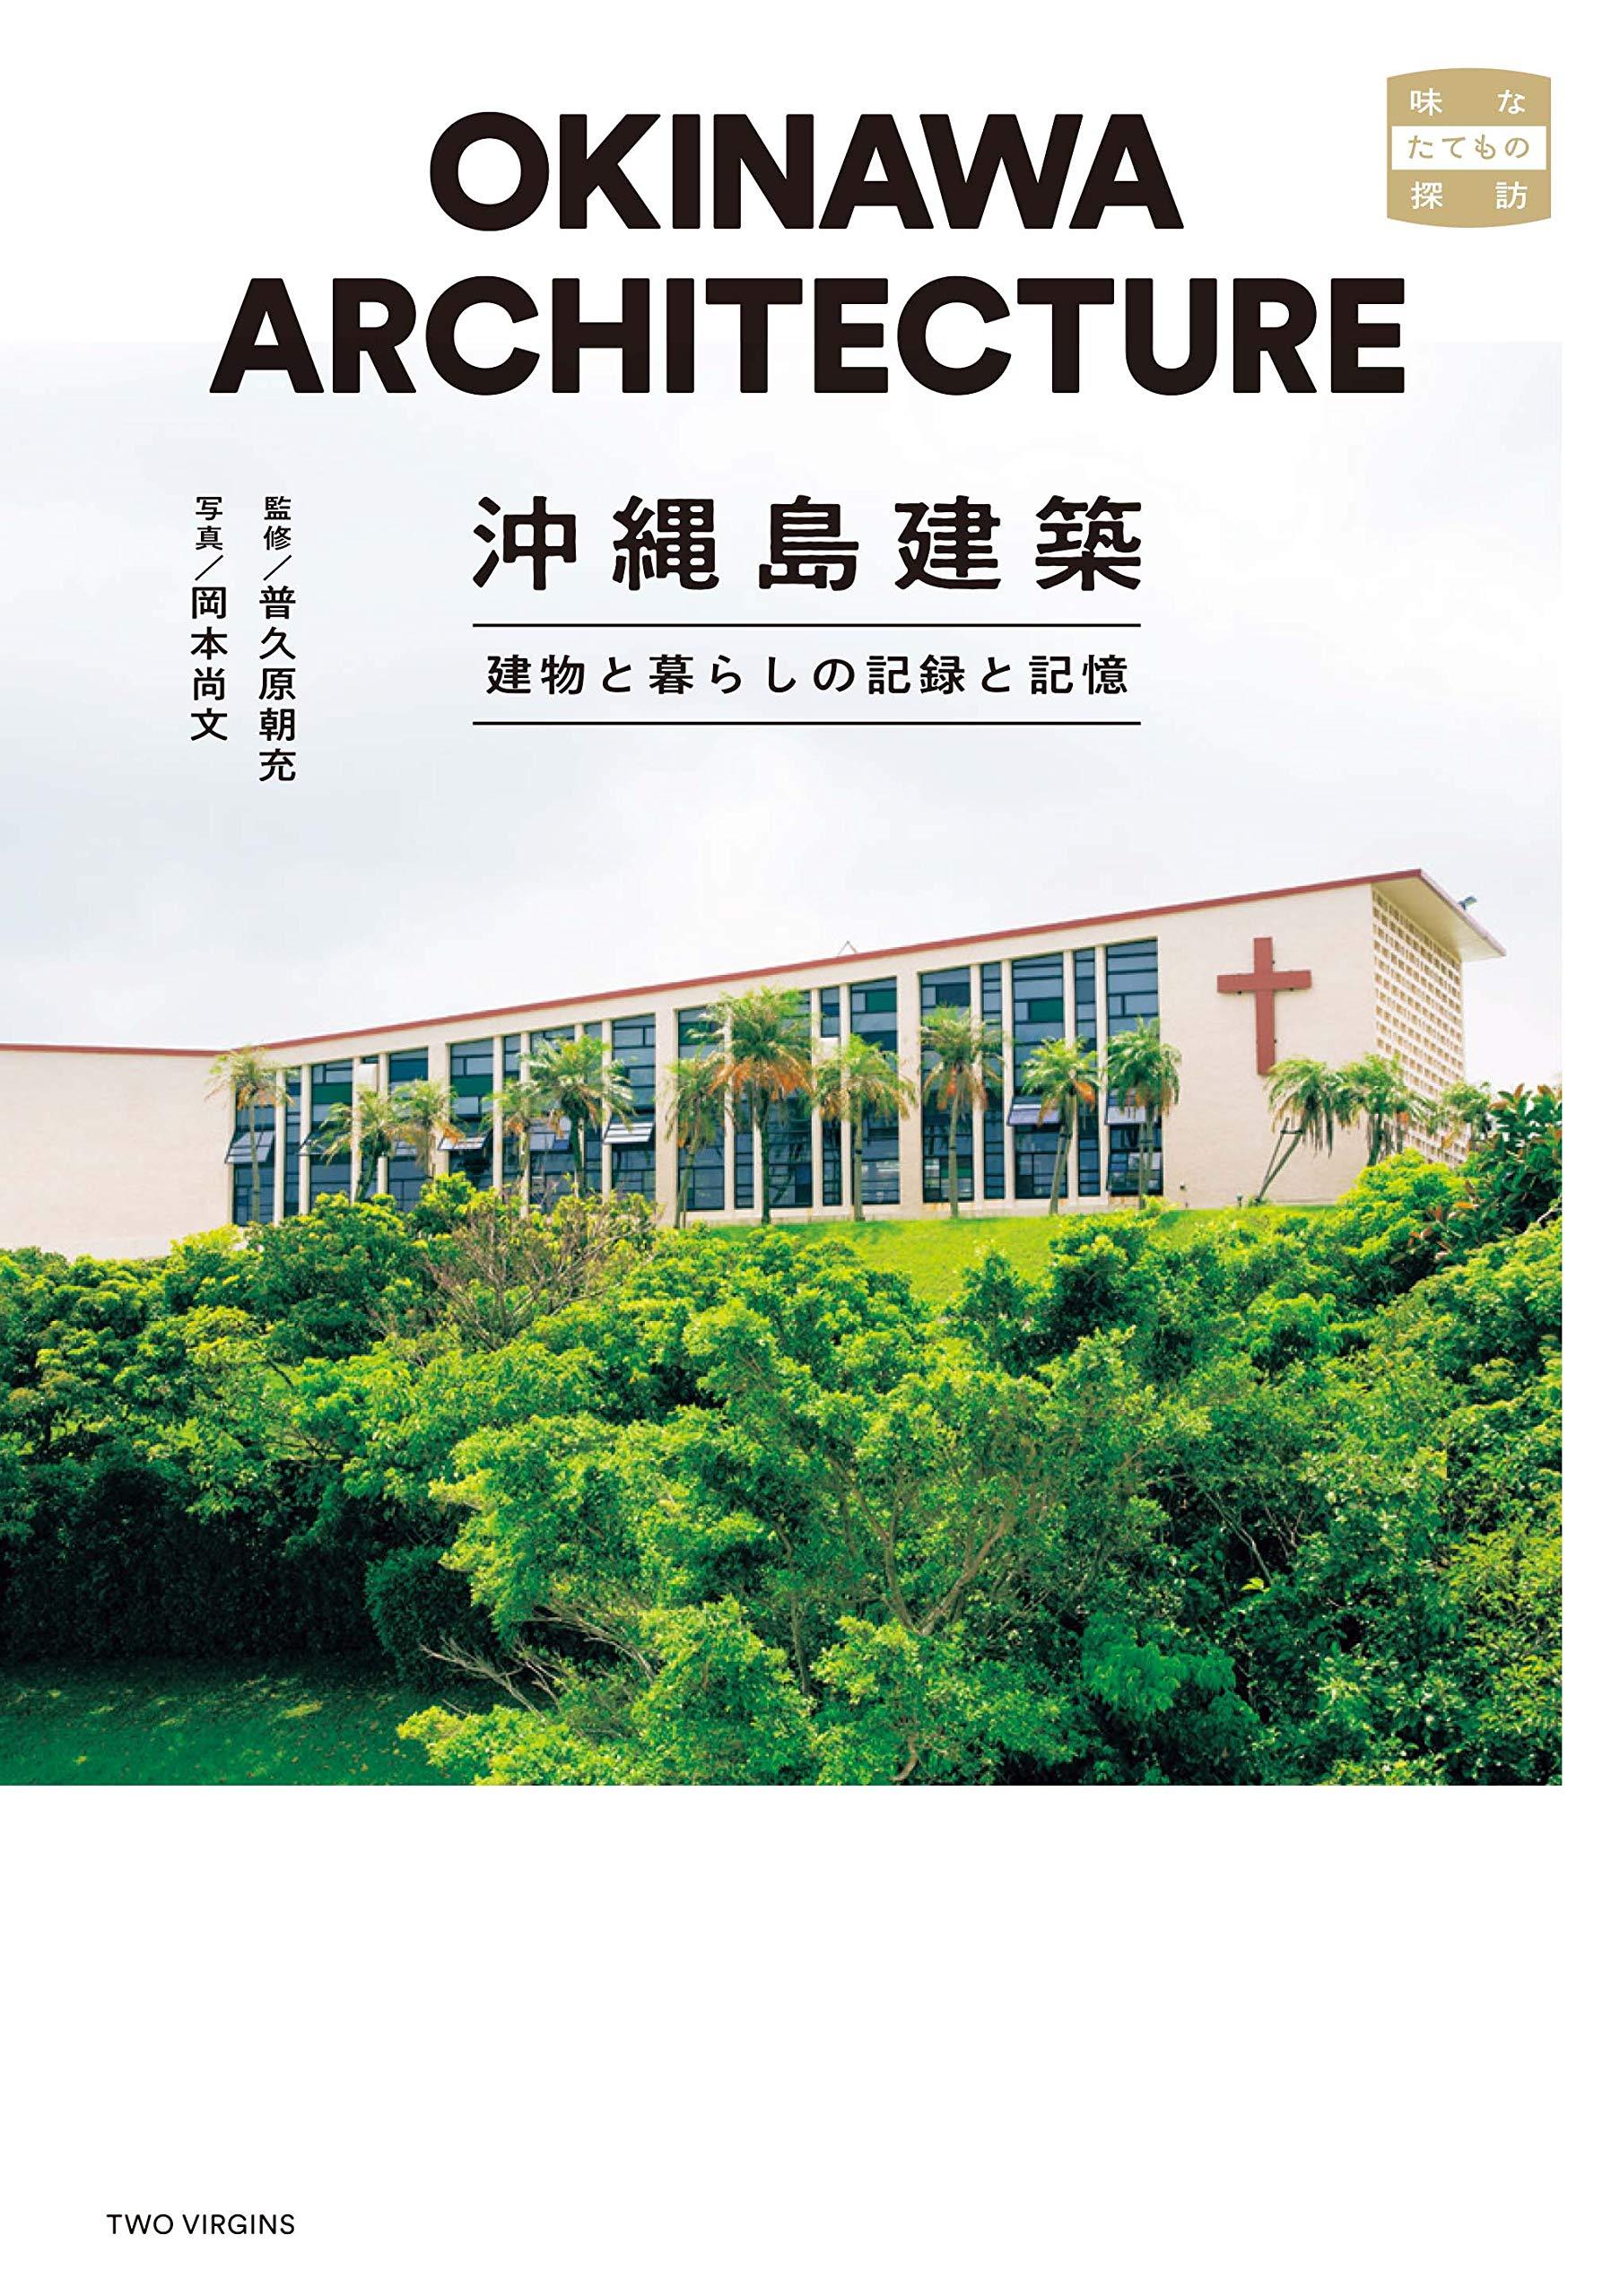 普久原朝充『沖縄島建築 建物と暮らしの記録と記憶』